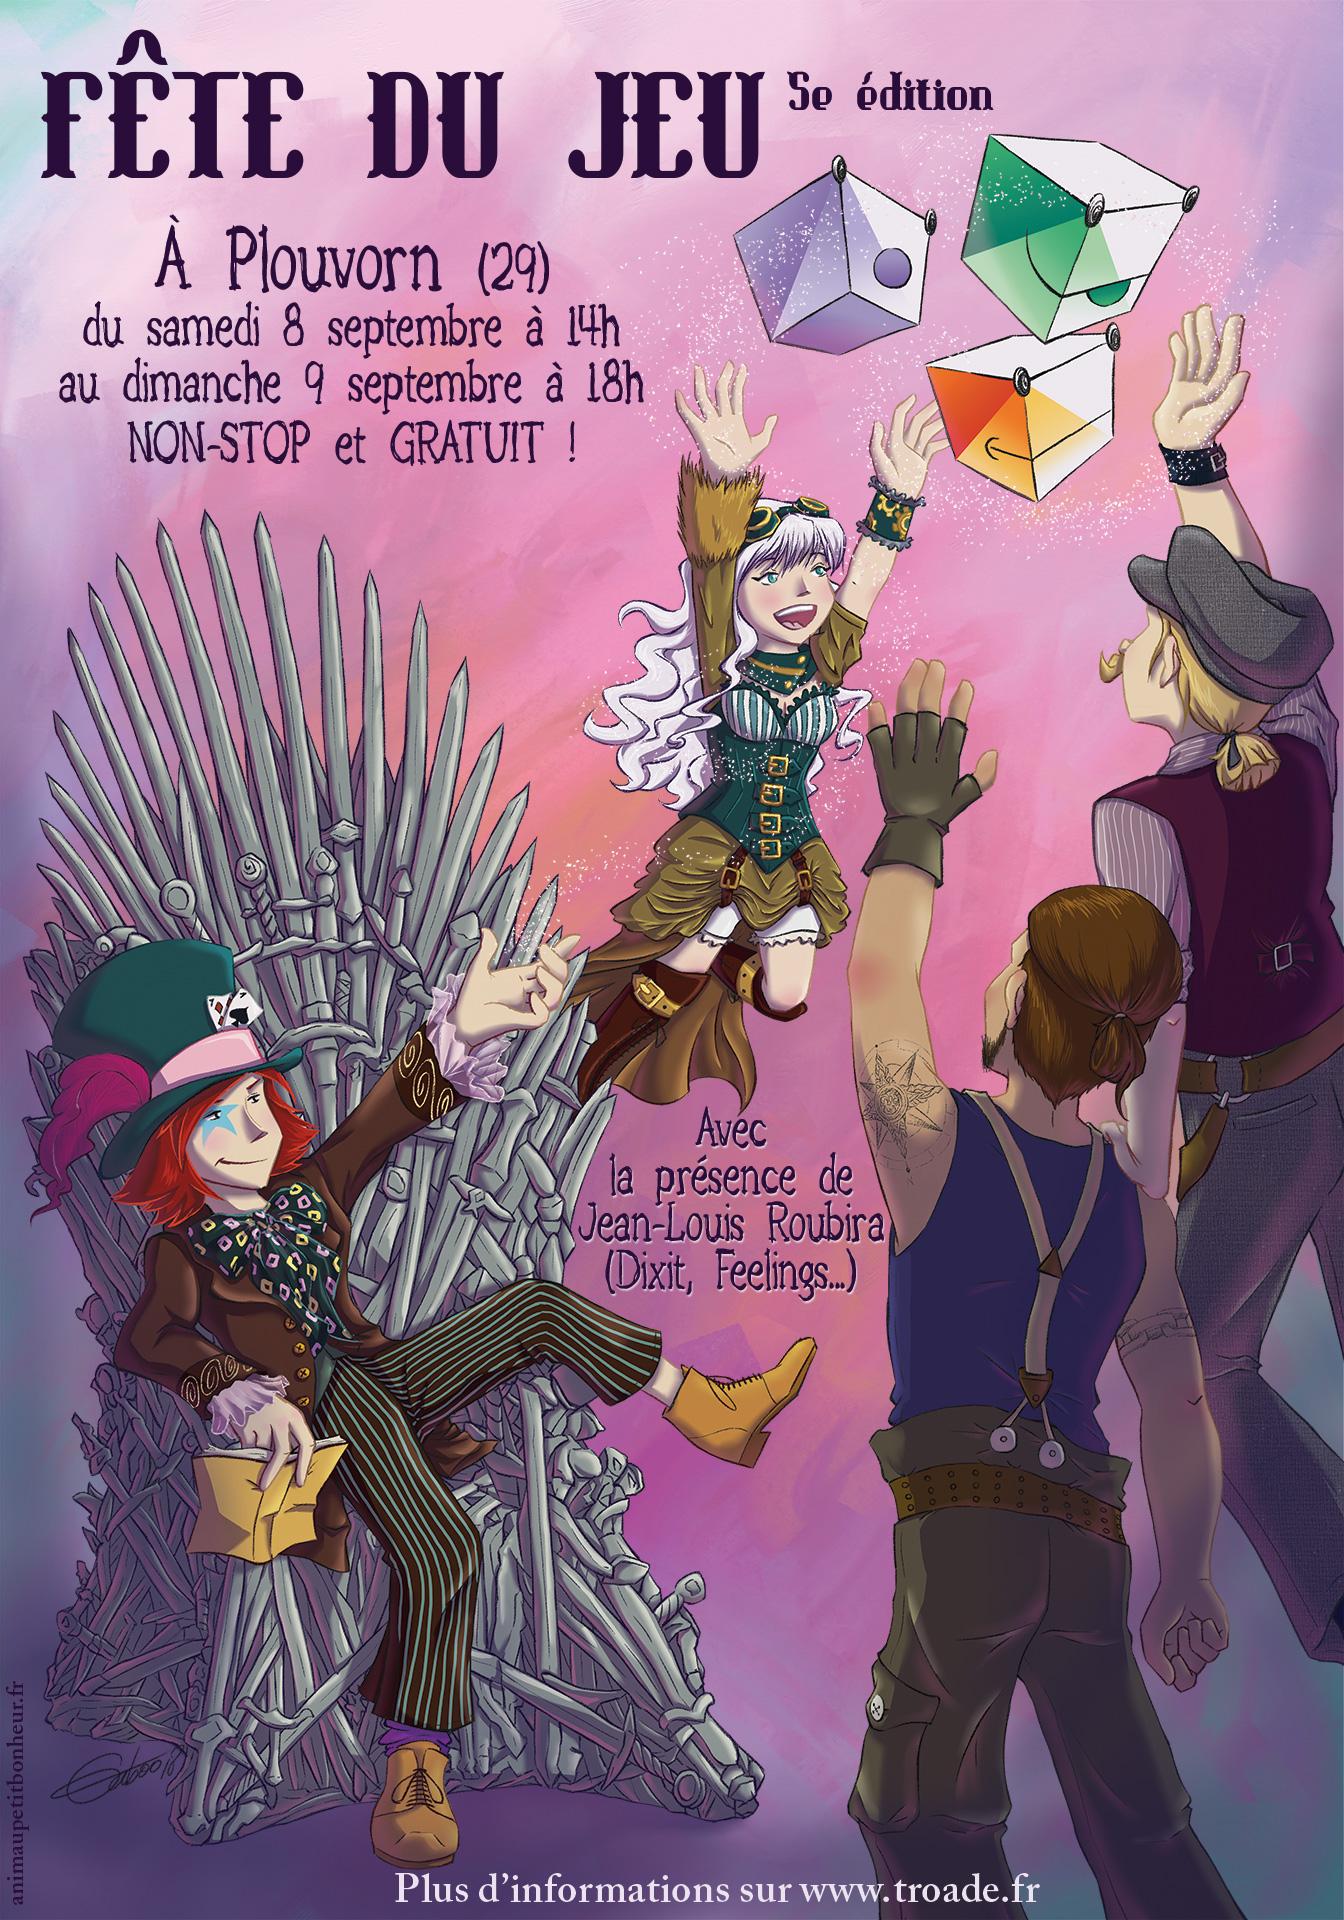 """Fête du jeu """"Troadé"""" les 8-9 septembre, à Plouvorn (29) Affiche_troade2018"""